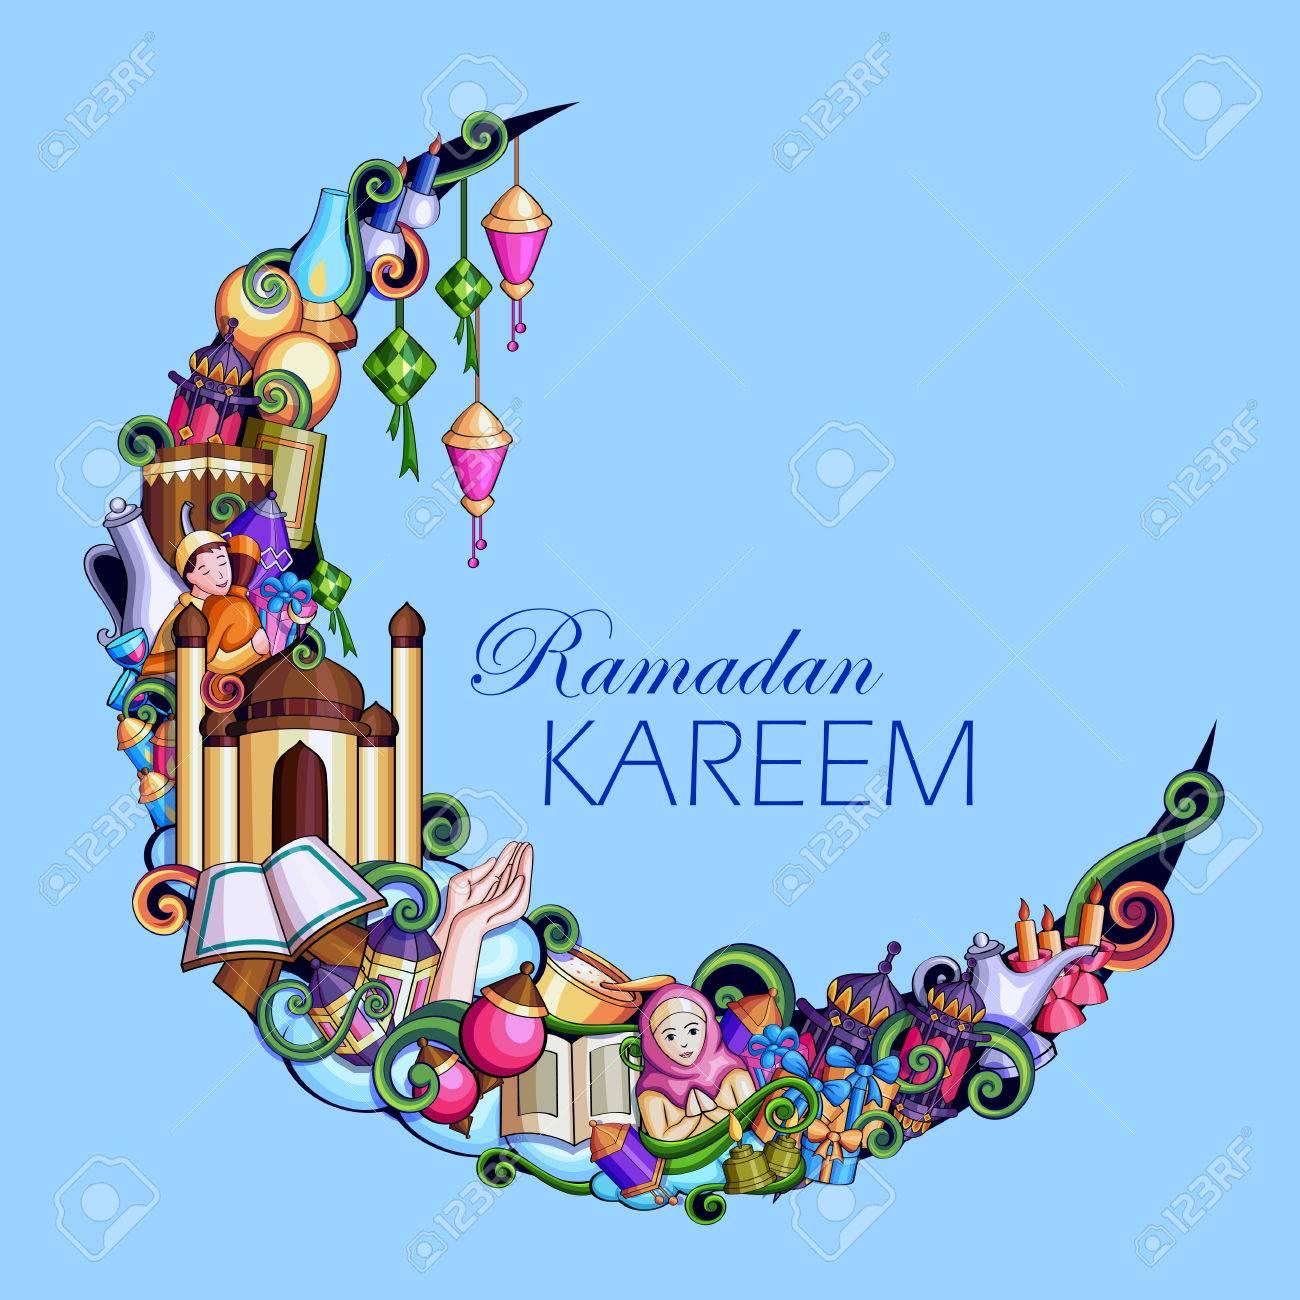 Ramadan Kareem Blessing for Eid background. - 79409897